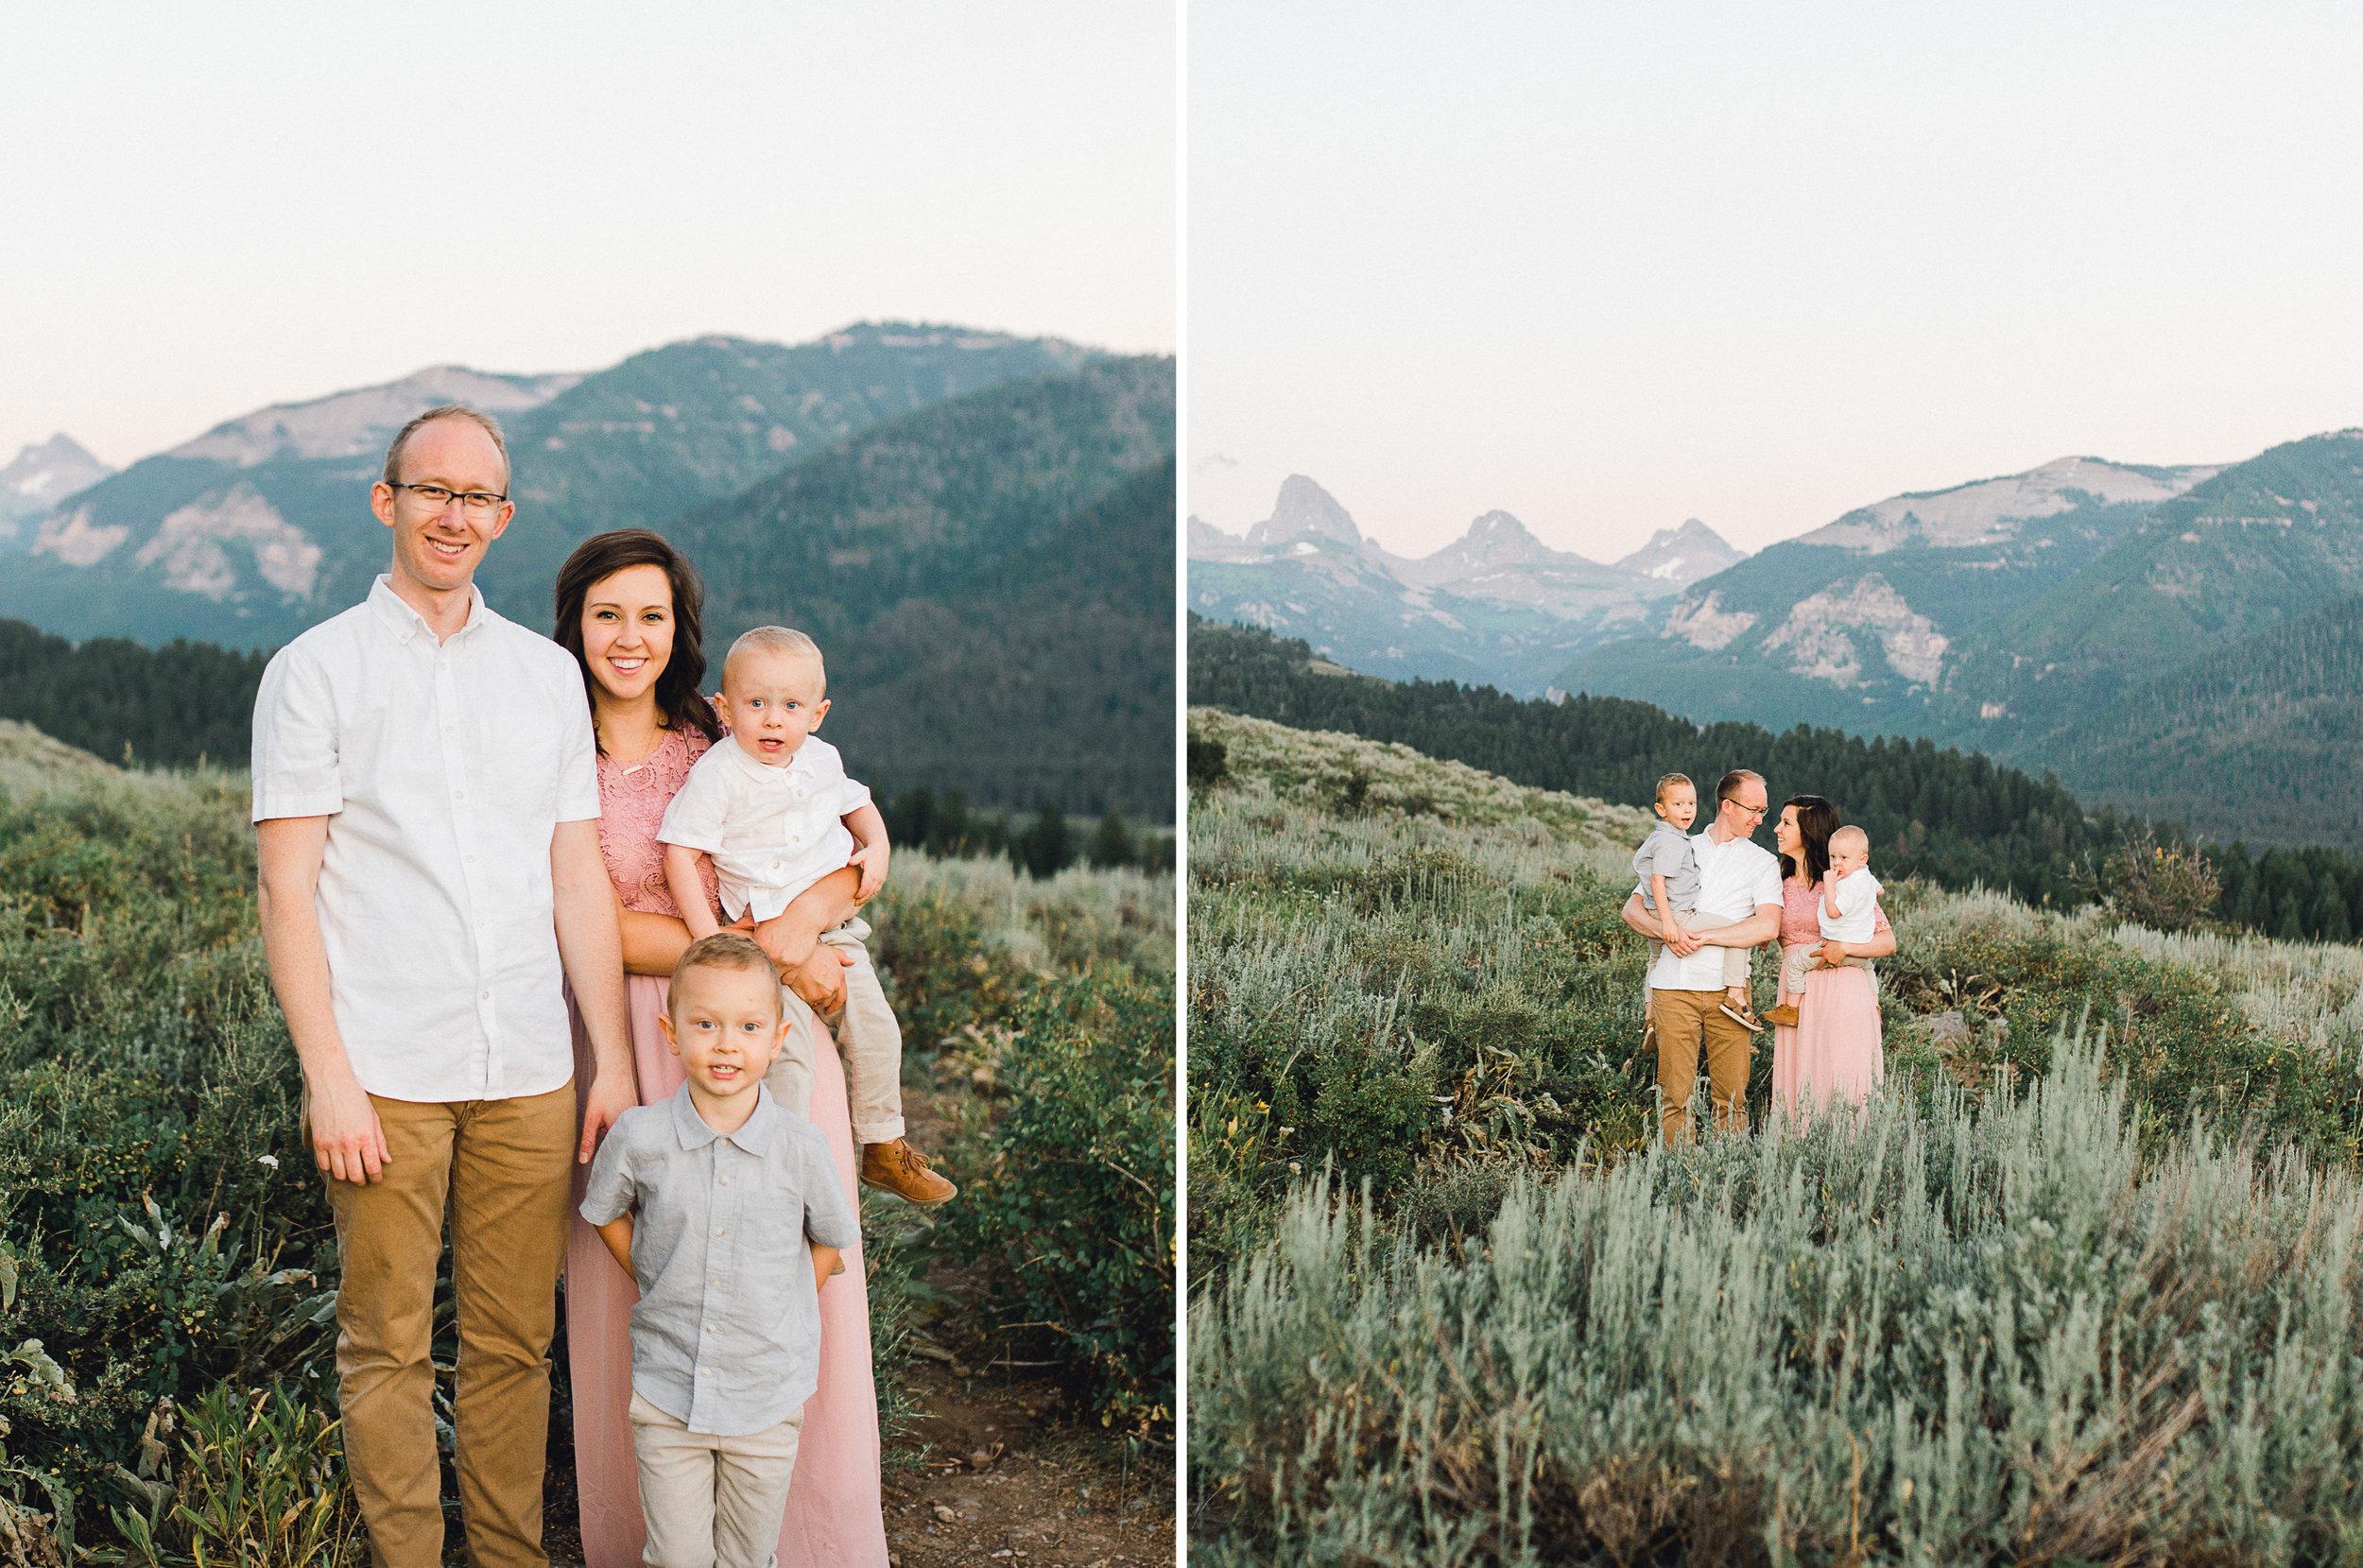 teton-mountain-family-photography-alta-wyoming-driggs-idaho-rexburg-idaho-family-photographer5.jpg